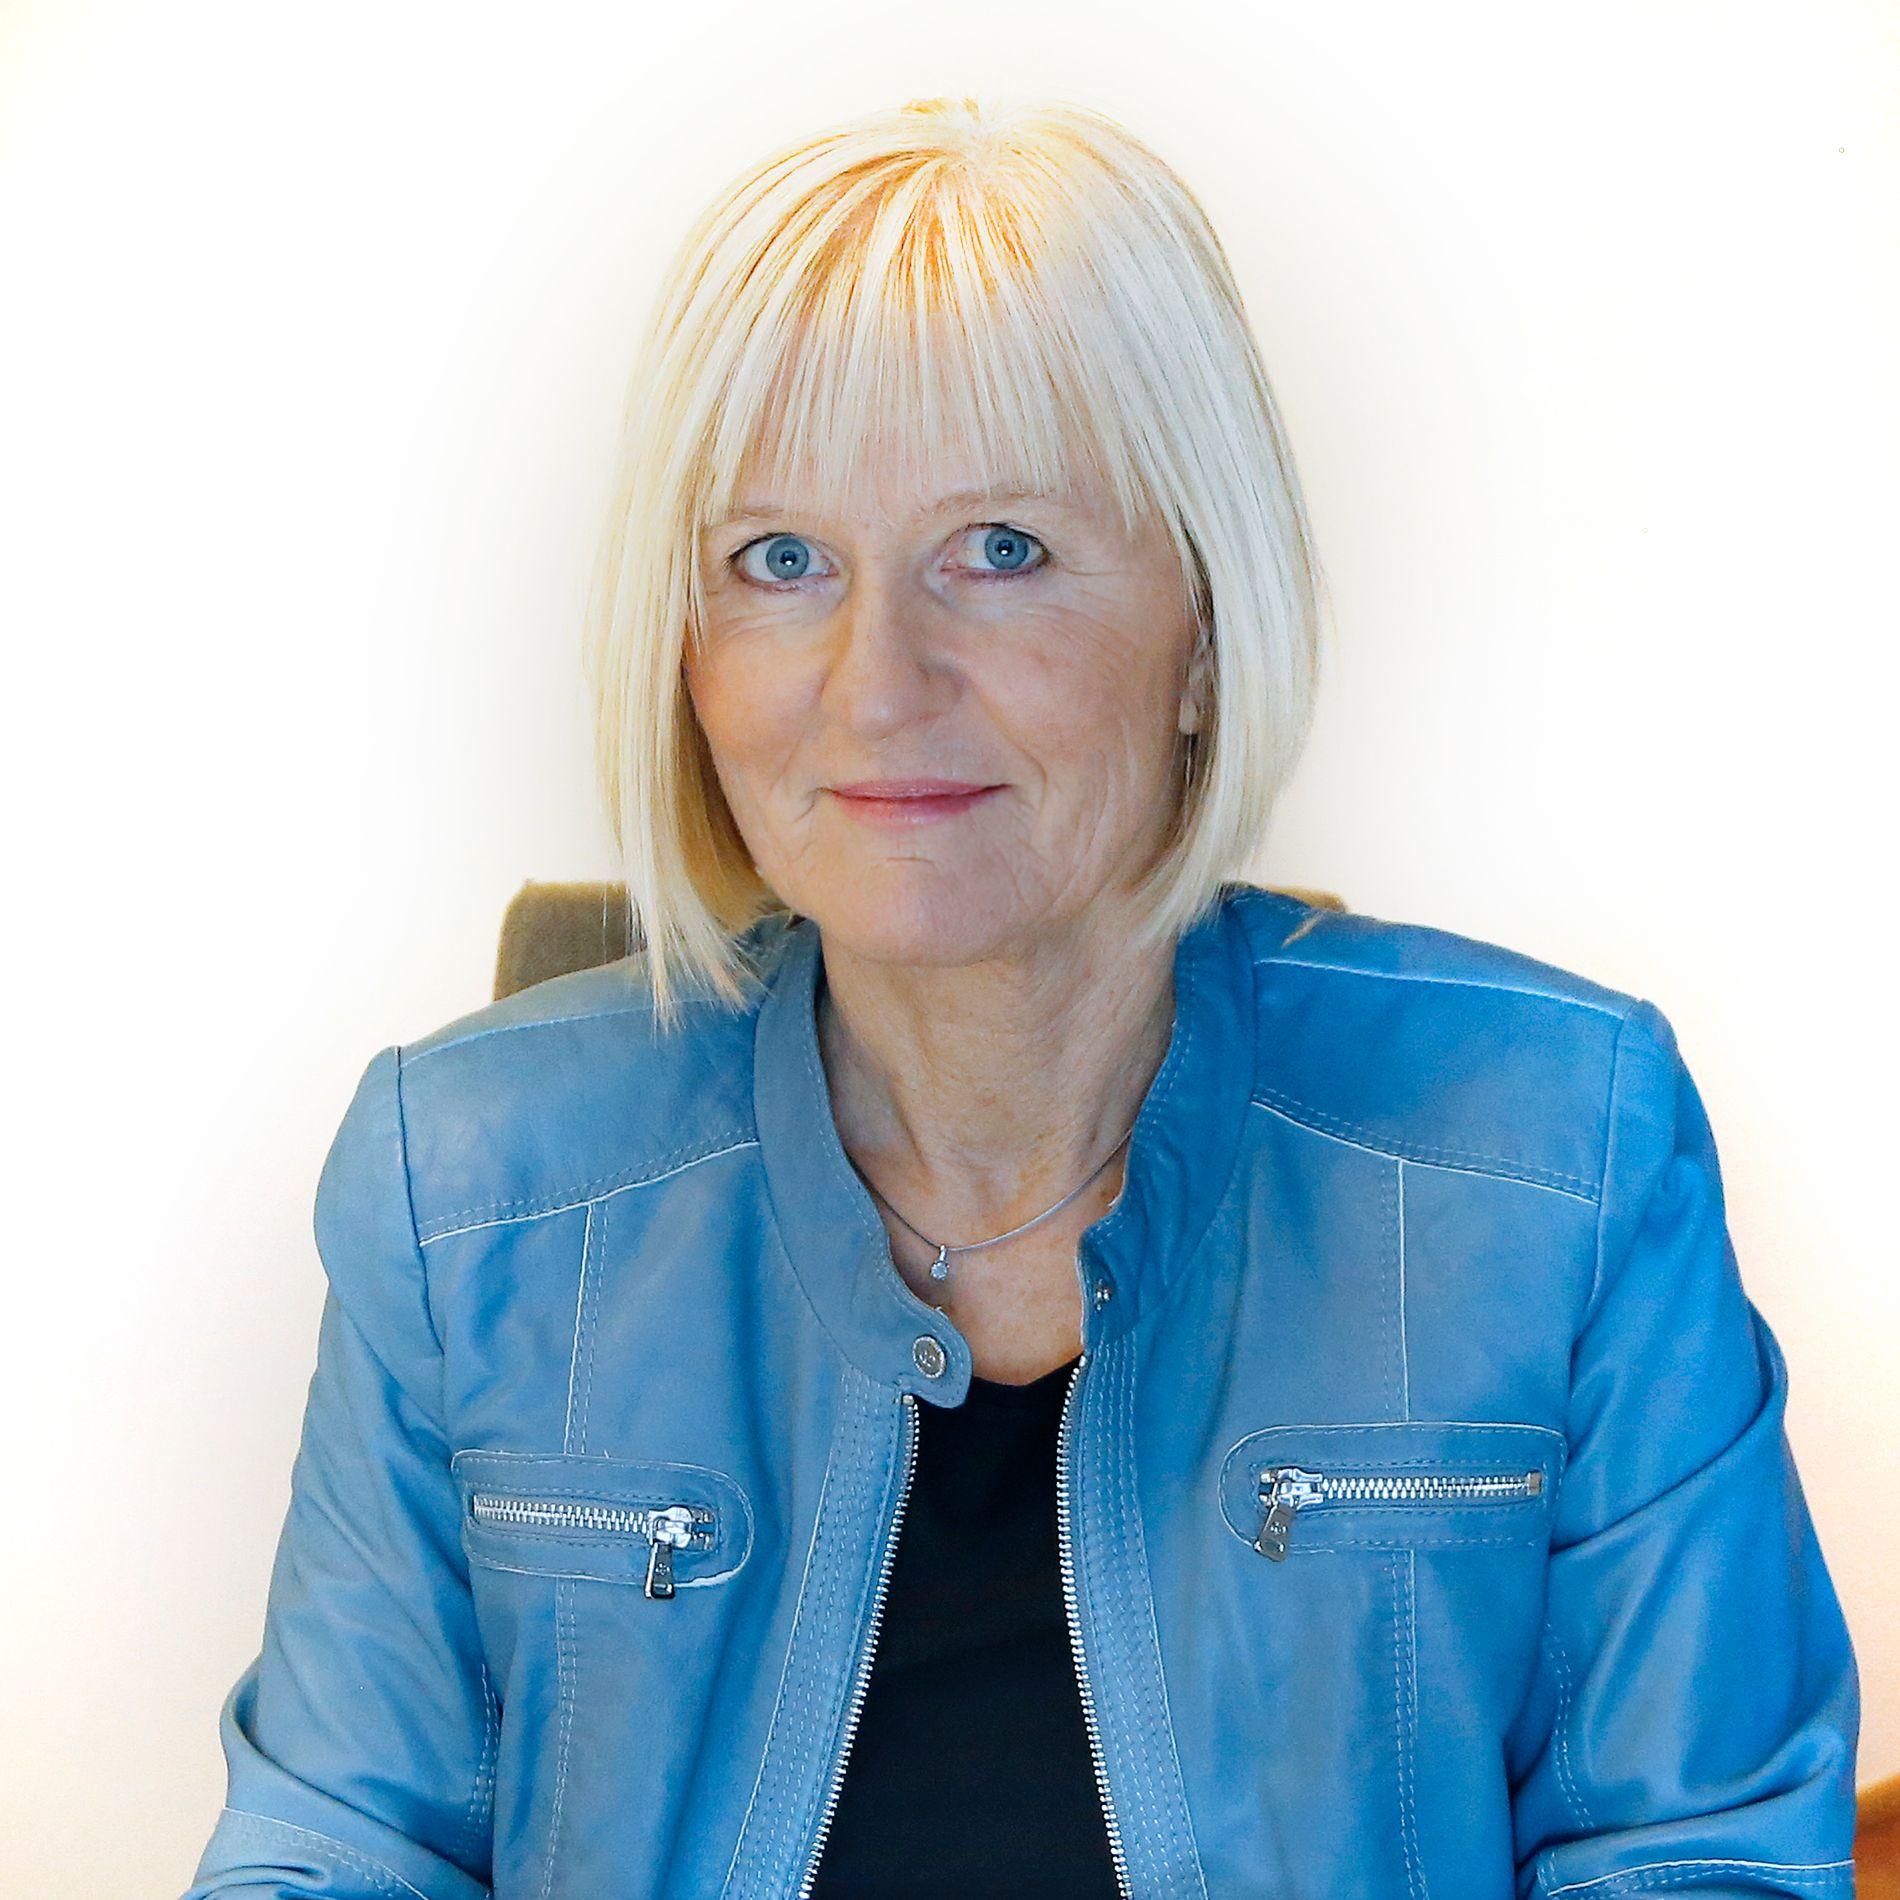 Ragnhild Lied er leiar for Unio (Hovedorganisasjonen for universitets- og høyskoleutdannede).